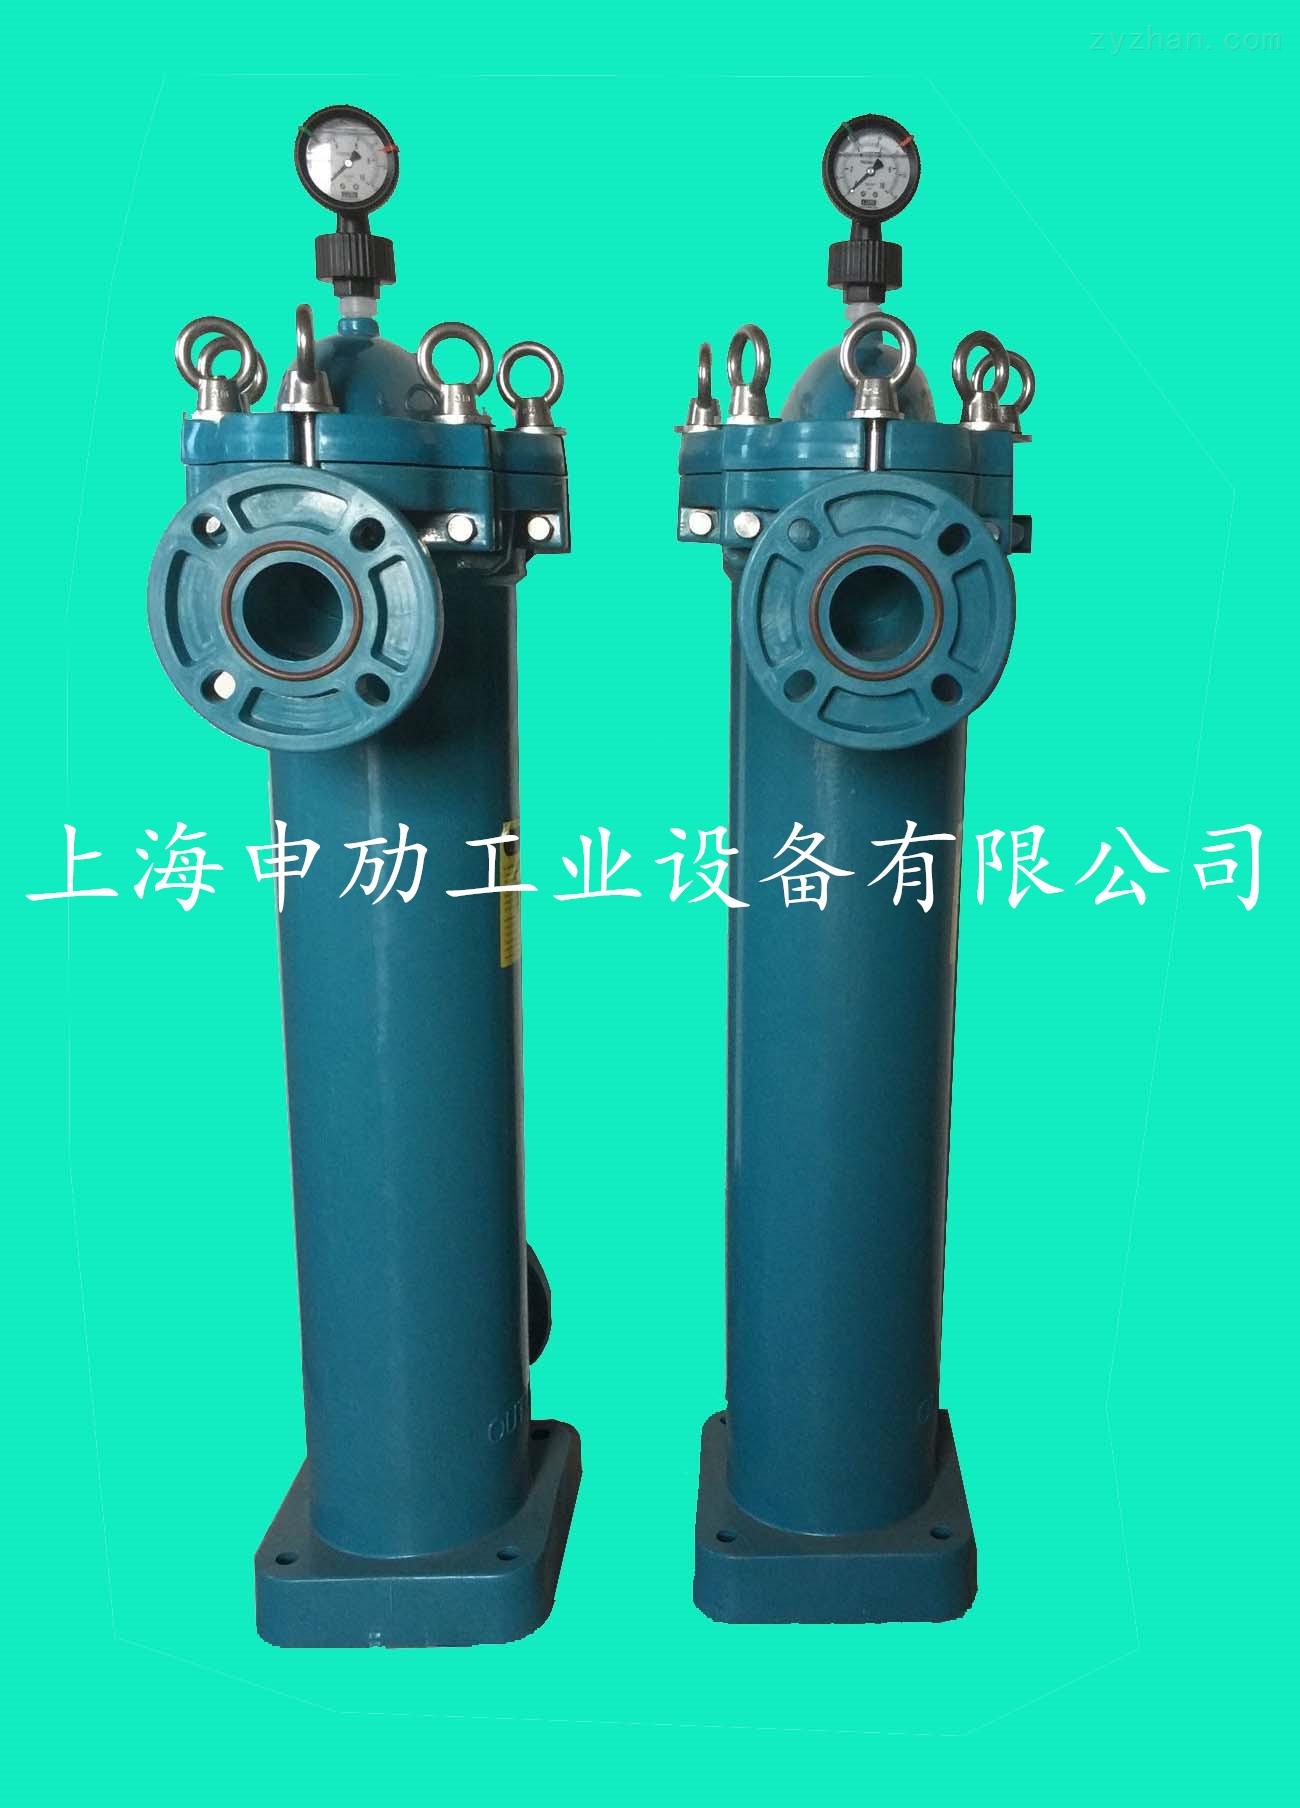 溶剂袋式过滤器 PP塑胶袋式过滤器